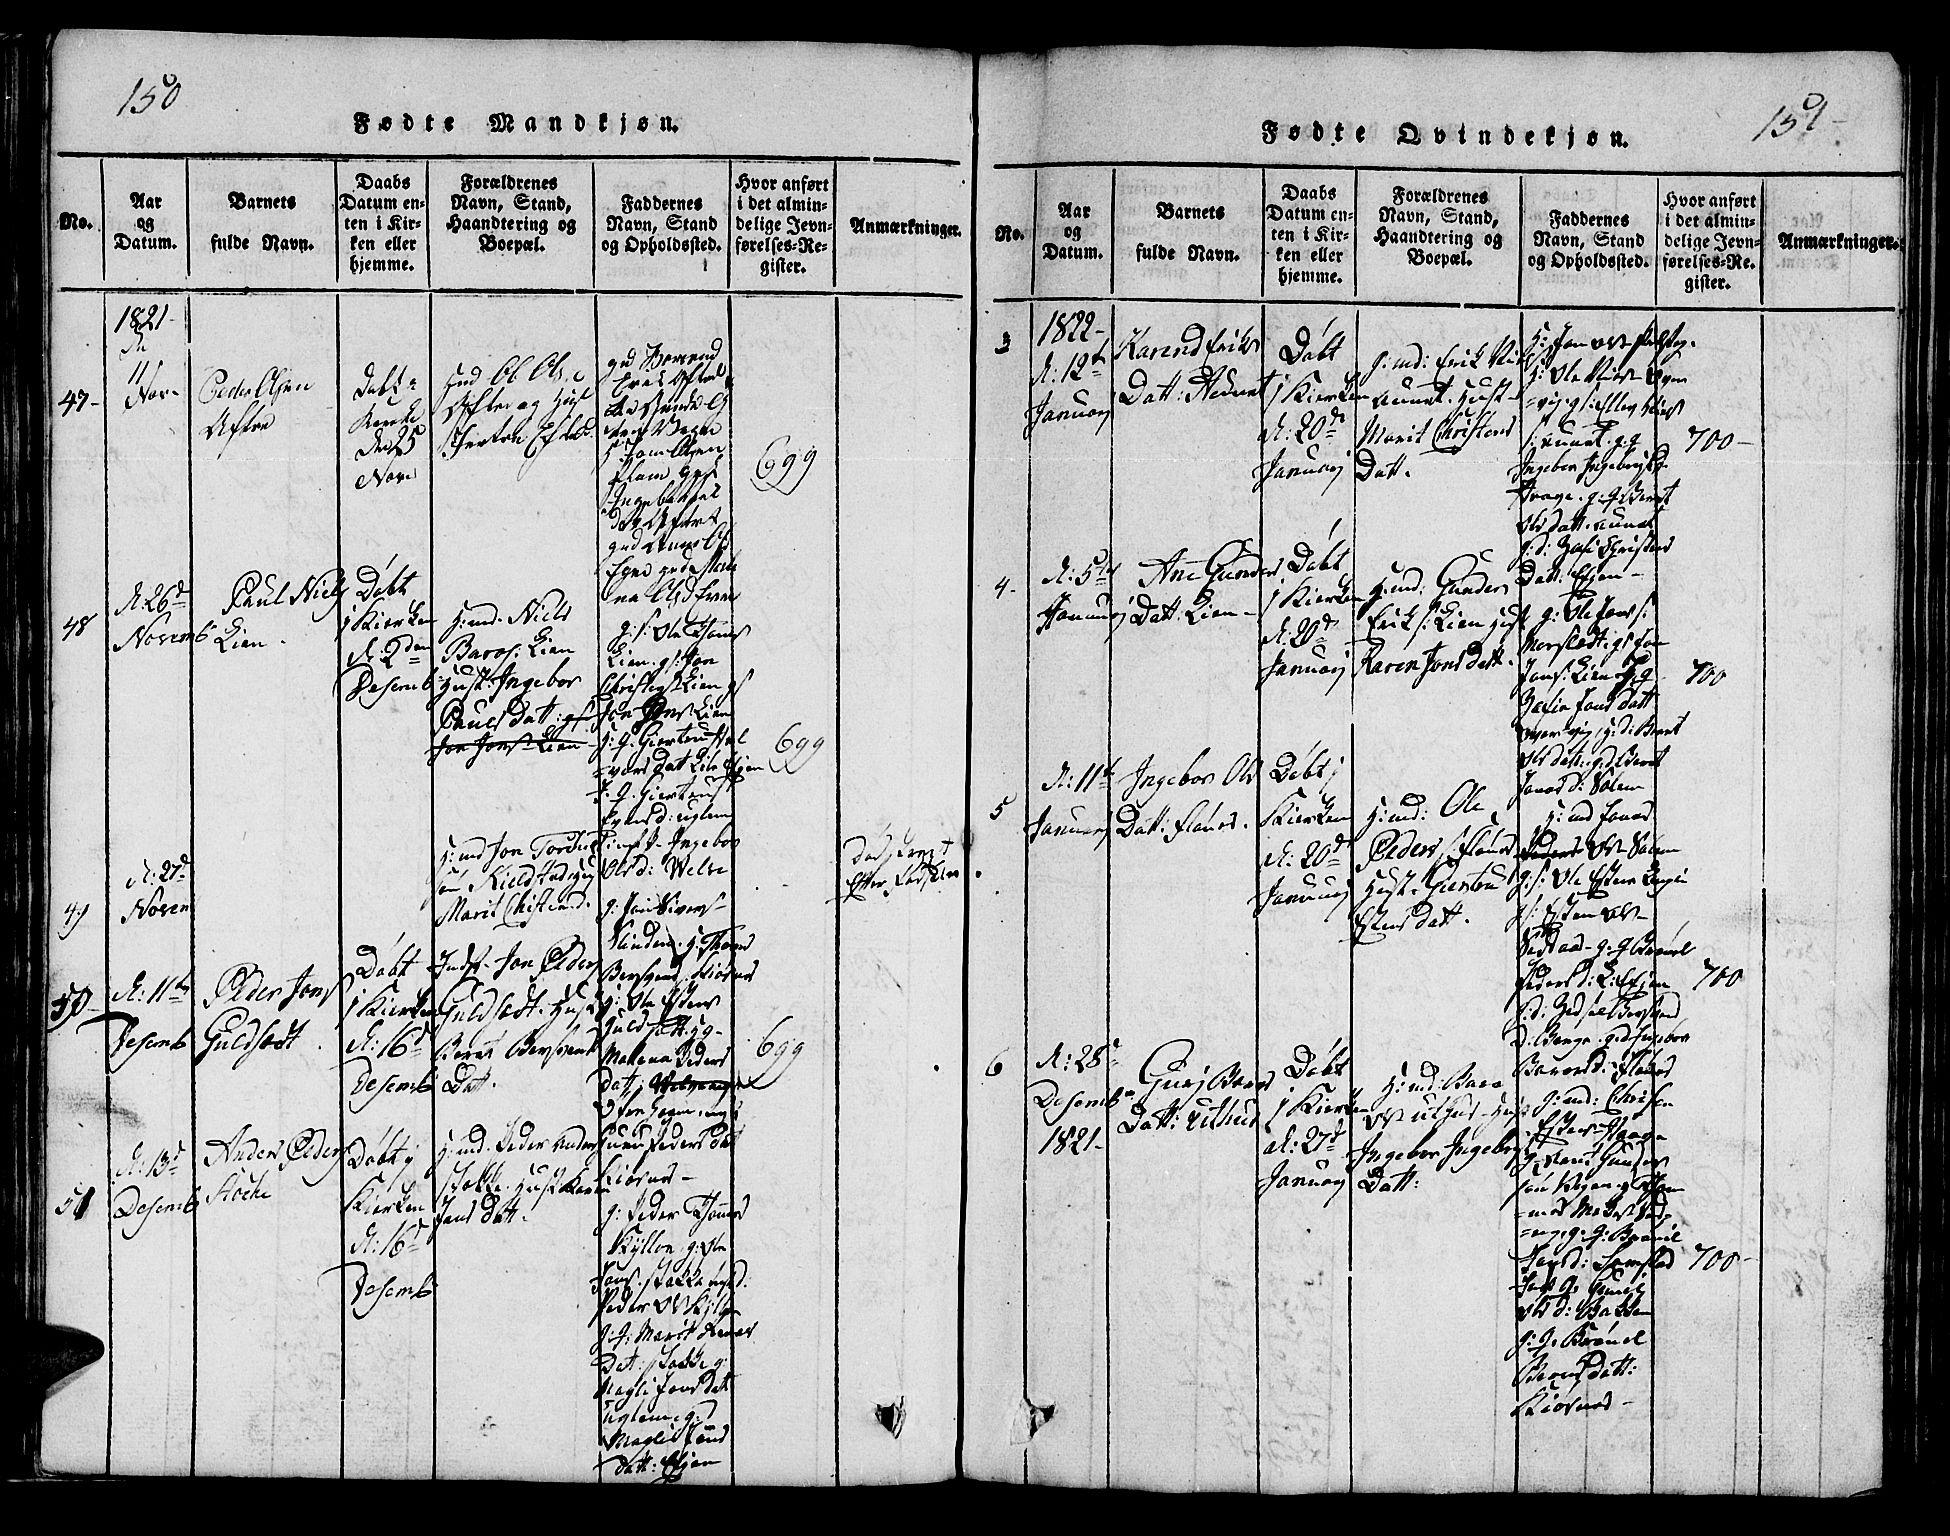 SAT, Ministerialprotokoller, klokkerbøker og fødselsregistre - Sør-Trøndelag, 695/L1152: Klokkerbok nr. 695C03, 1816-1831, s. 150-151